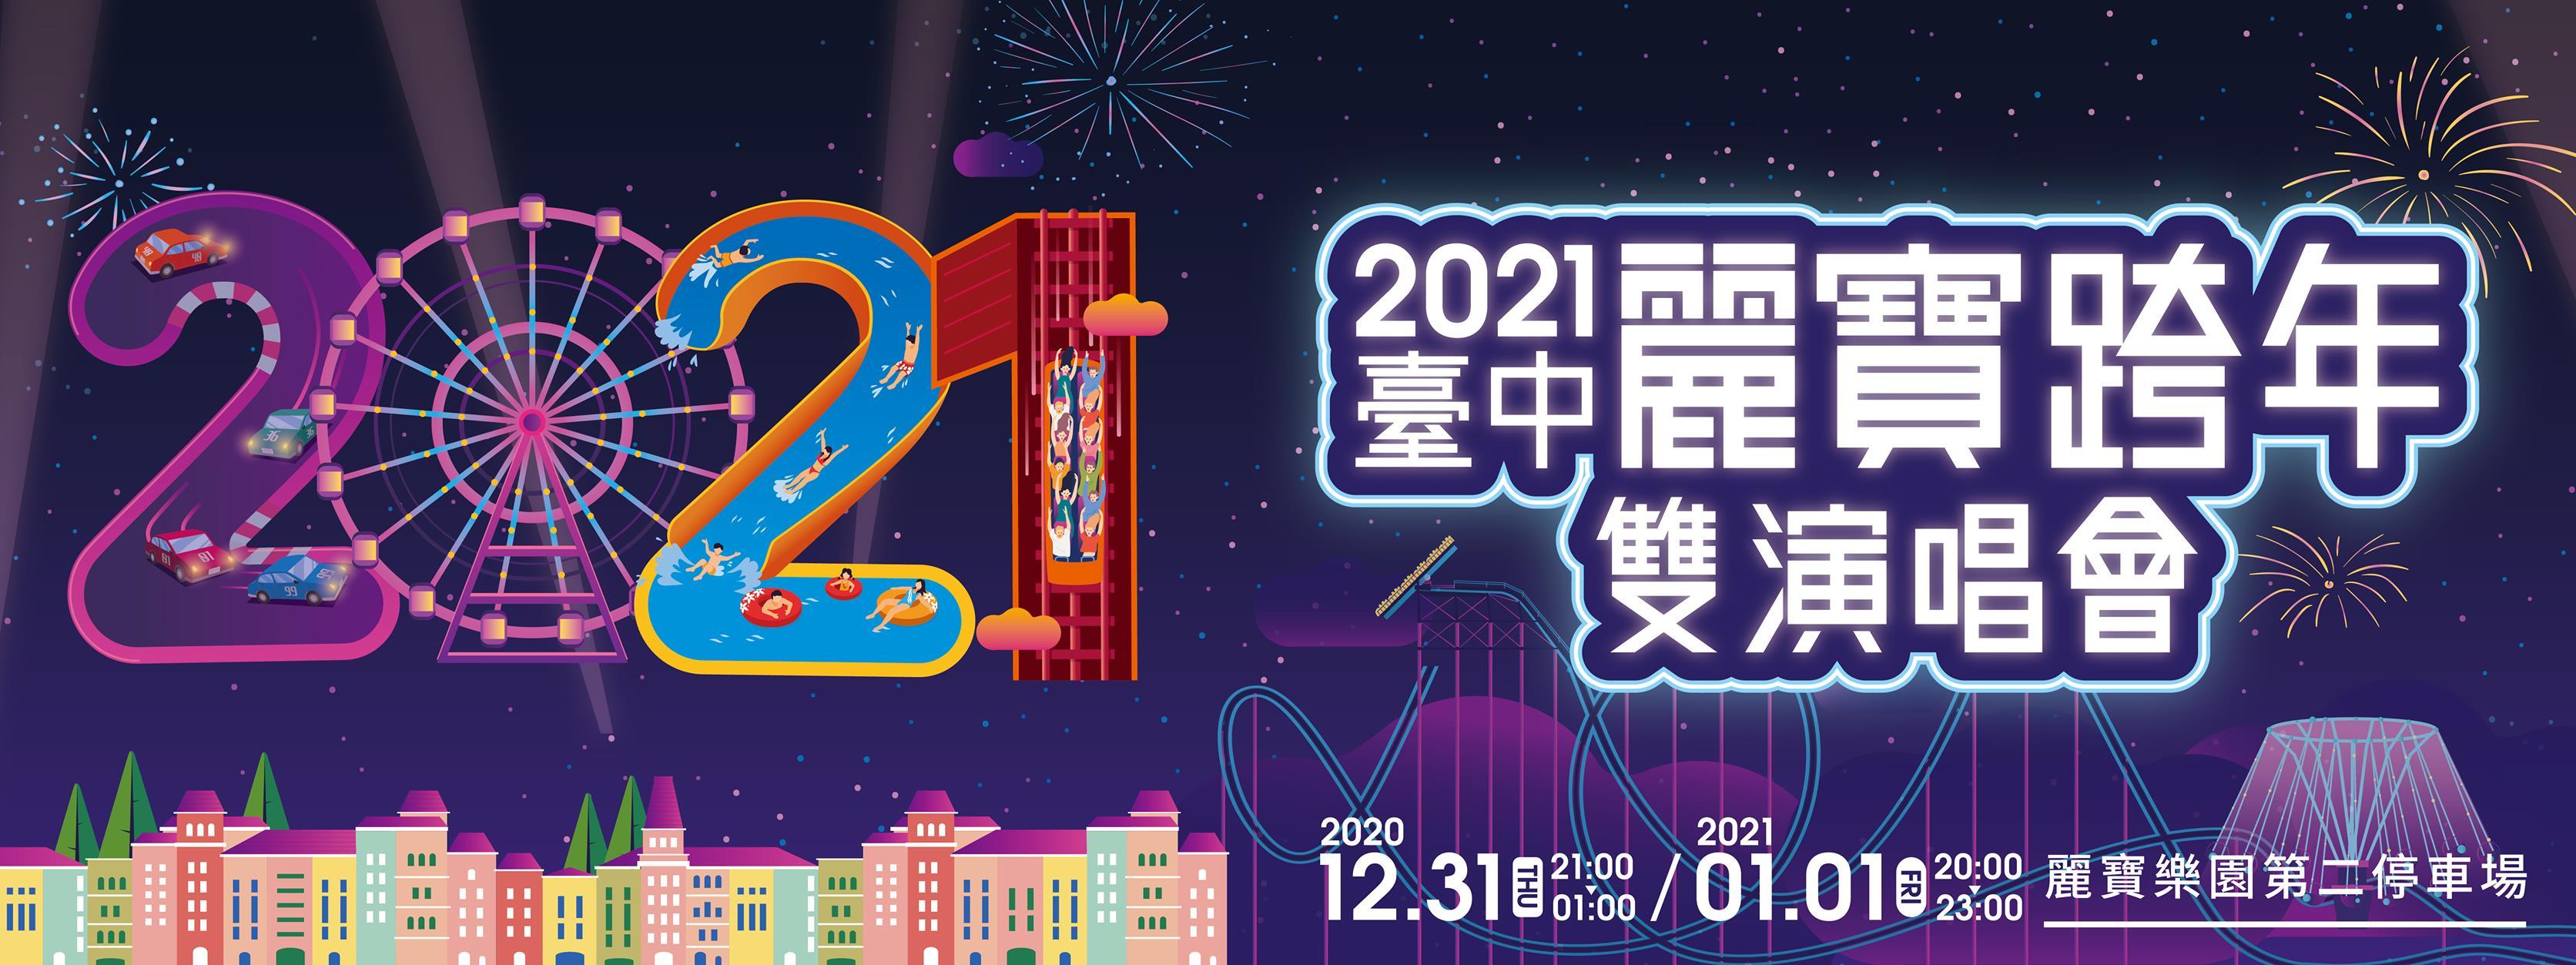 2021全台跨年晚會